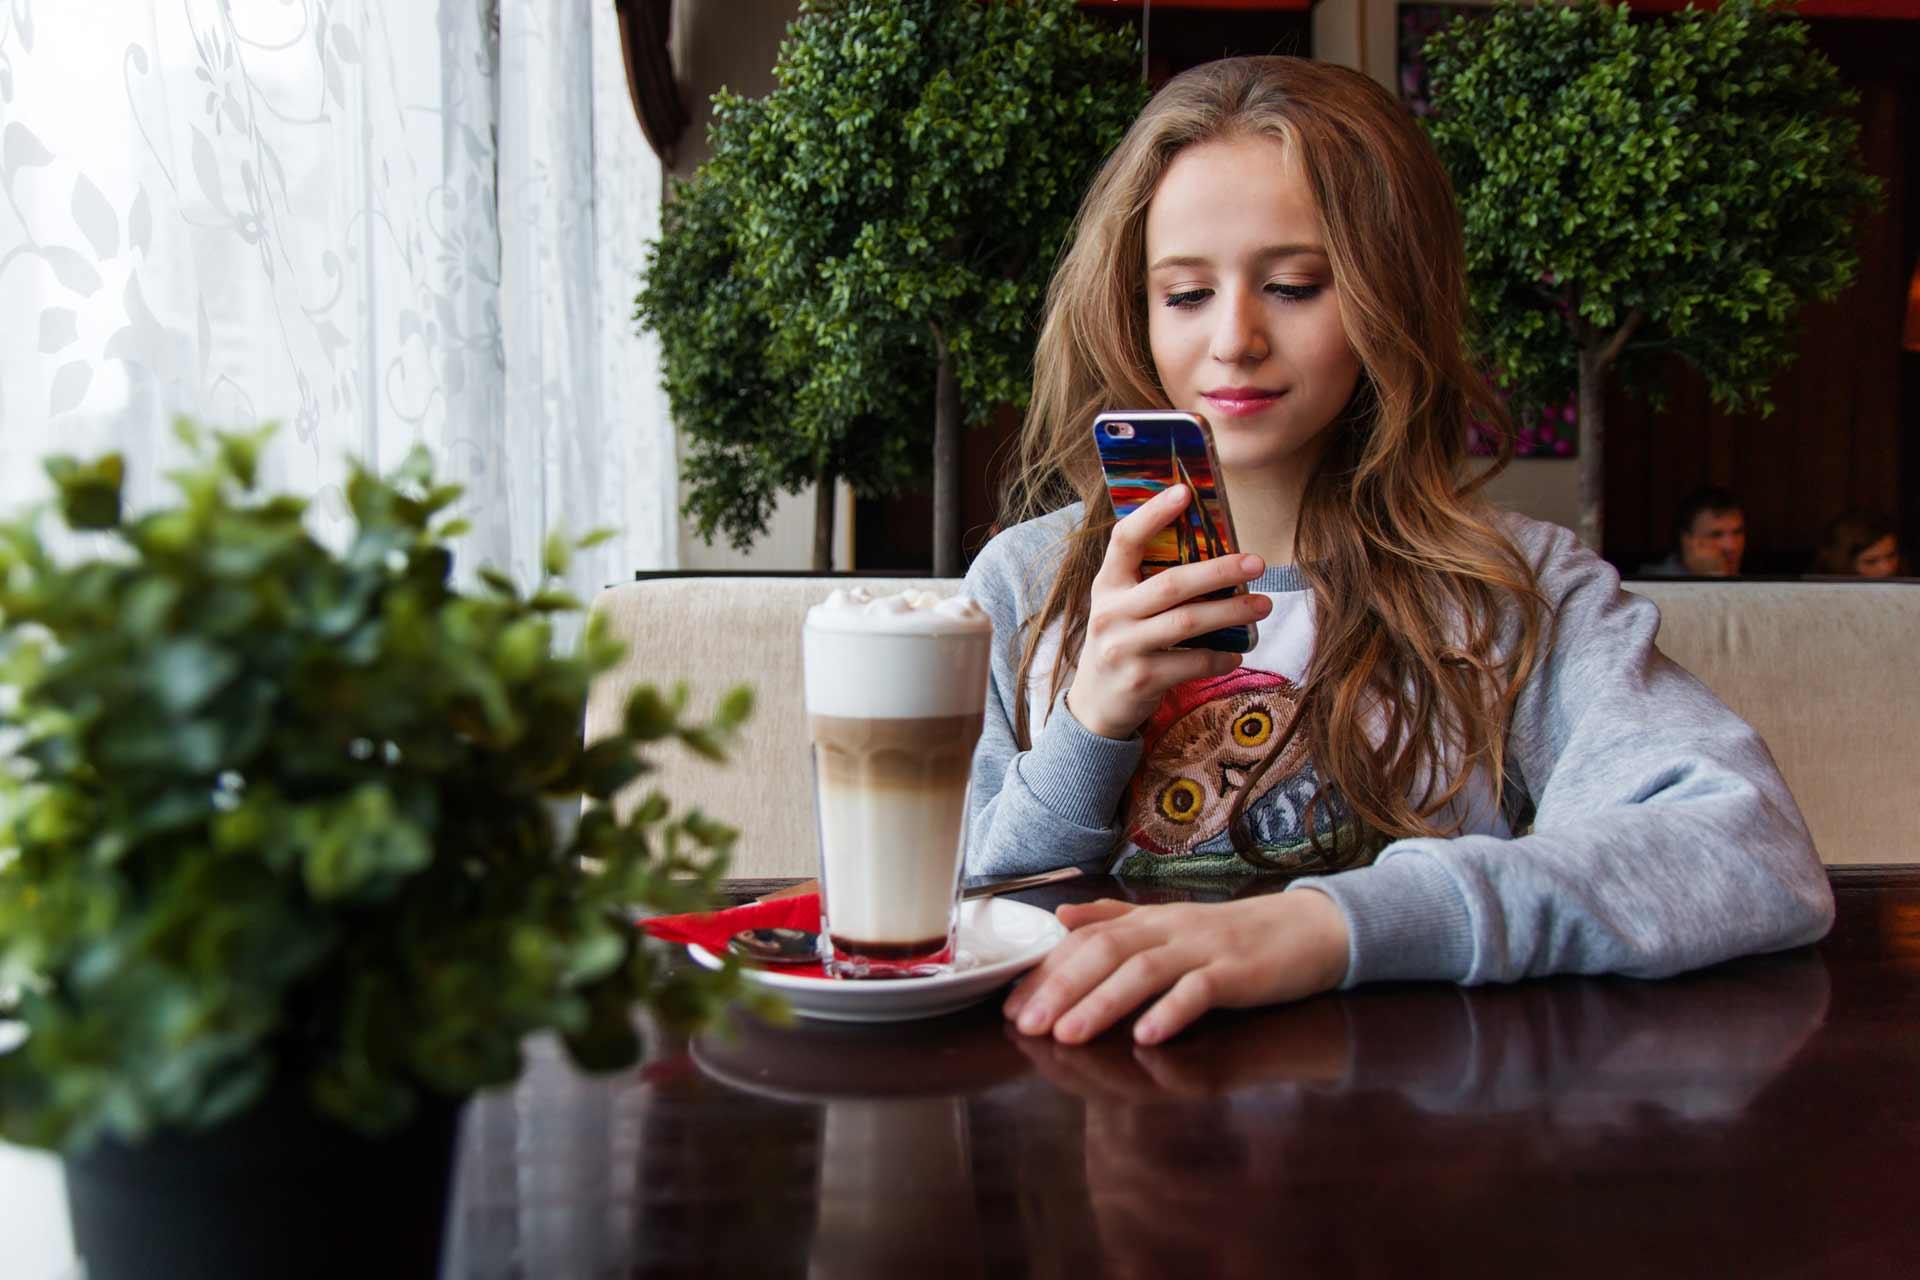 jongerenwerkheiloo informatie digitaalenonline